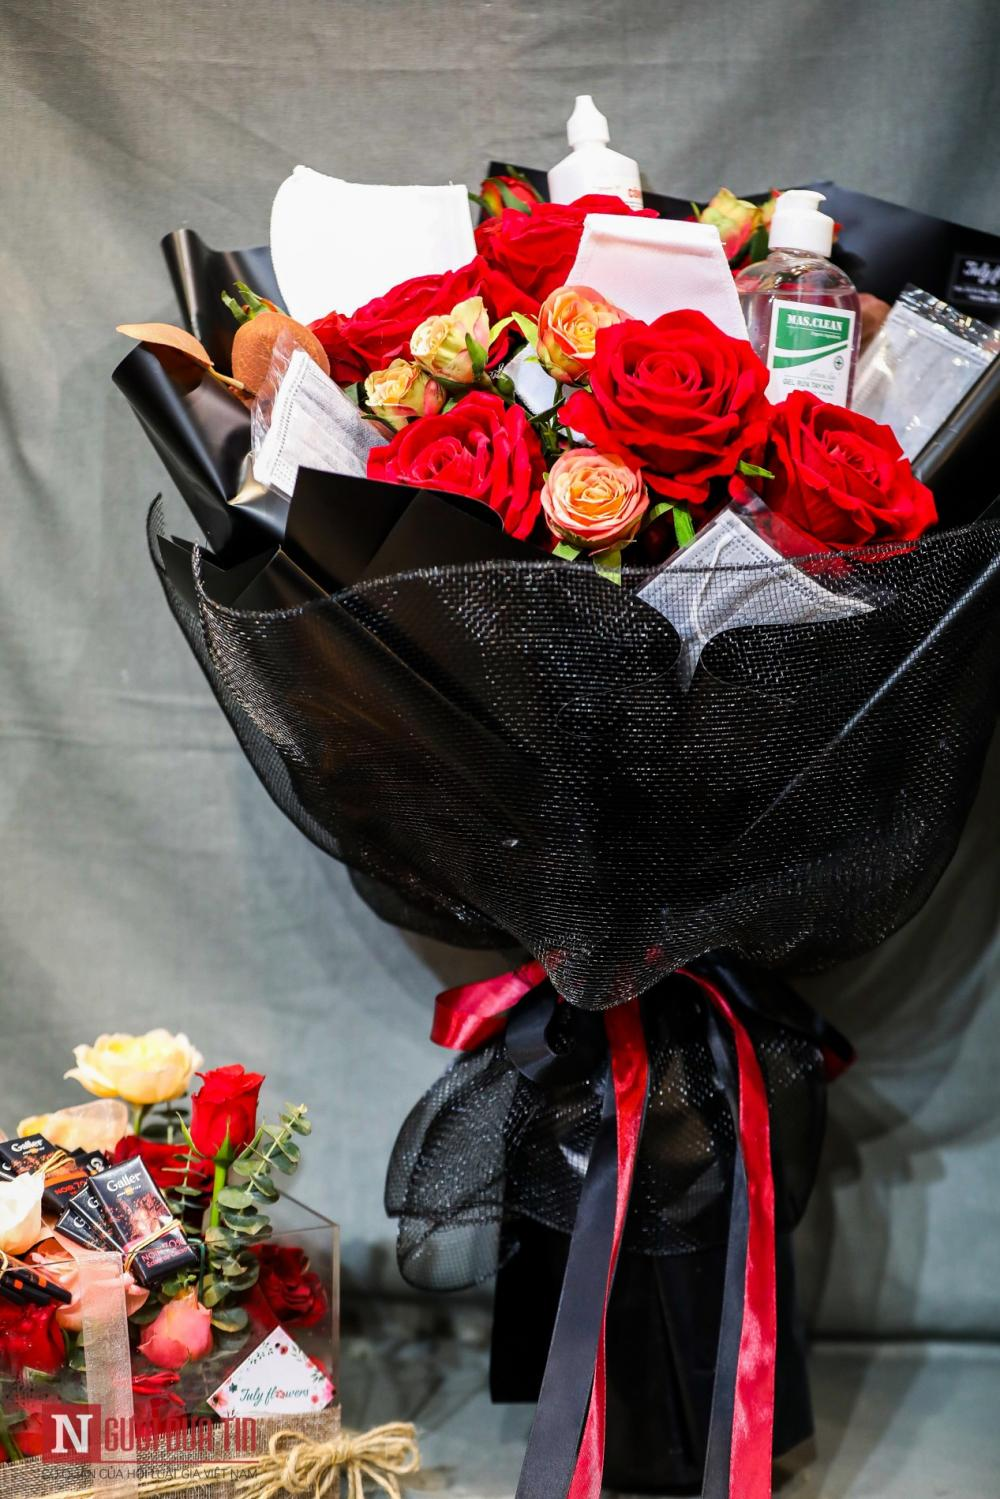 Tuy vậy, những bó hoa đính kèm khẩu trang hay nước xịt khuẩn chỉ được cửa hàng coi là 'làm cho vui'. Đây không phải mặt hàng chủ đạo bởi bó hoa kiểu này chỉ mới xuất hiện năm nay do có dịch bệnh. Người mua chủ yếu là đàn ông ưa thích sự khác biệt.